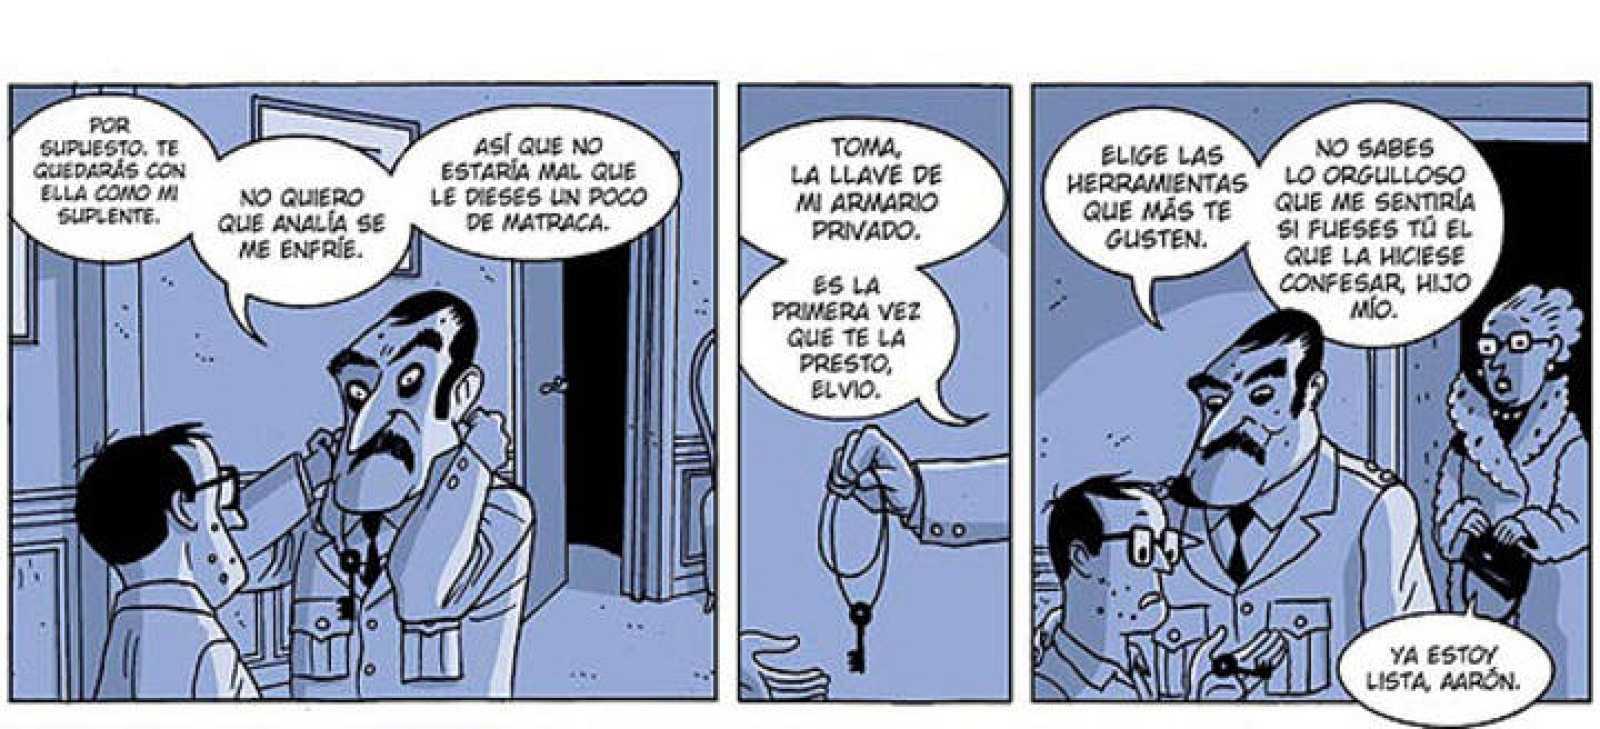 Viñetas de 'La herencia del Coronel', de Carlos Trillo y Lucas Varela